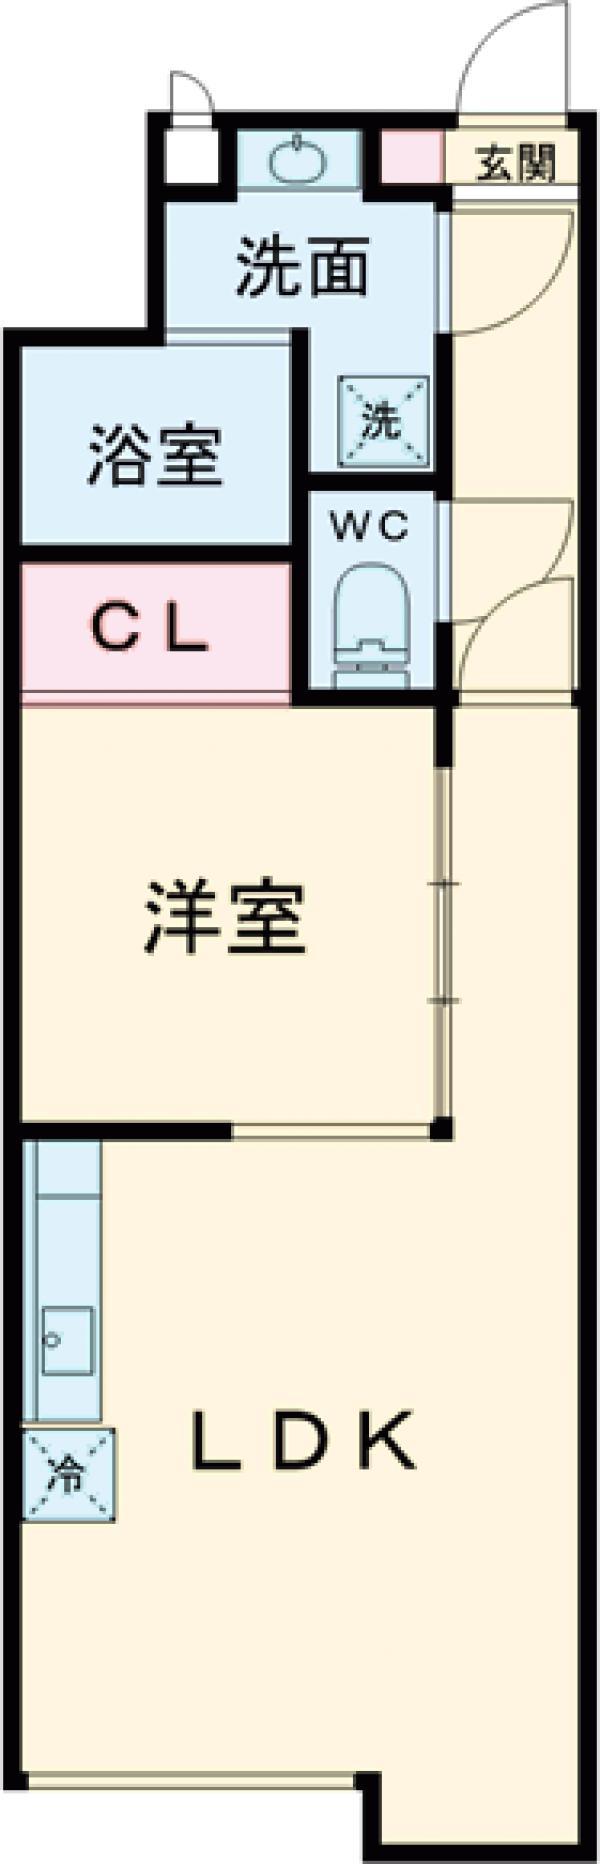 est Largo KOMAZAWAⅡ・302号室の間取り